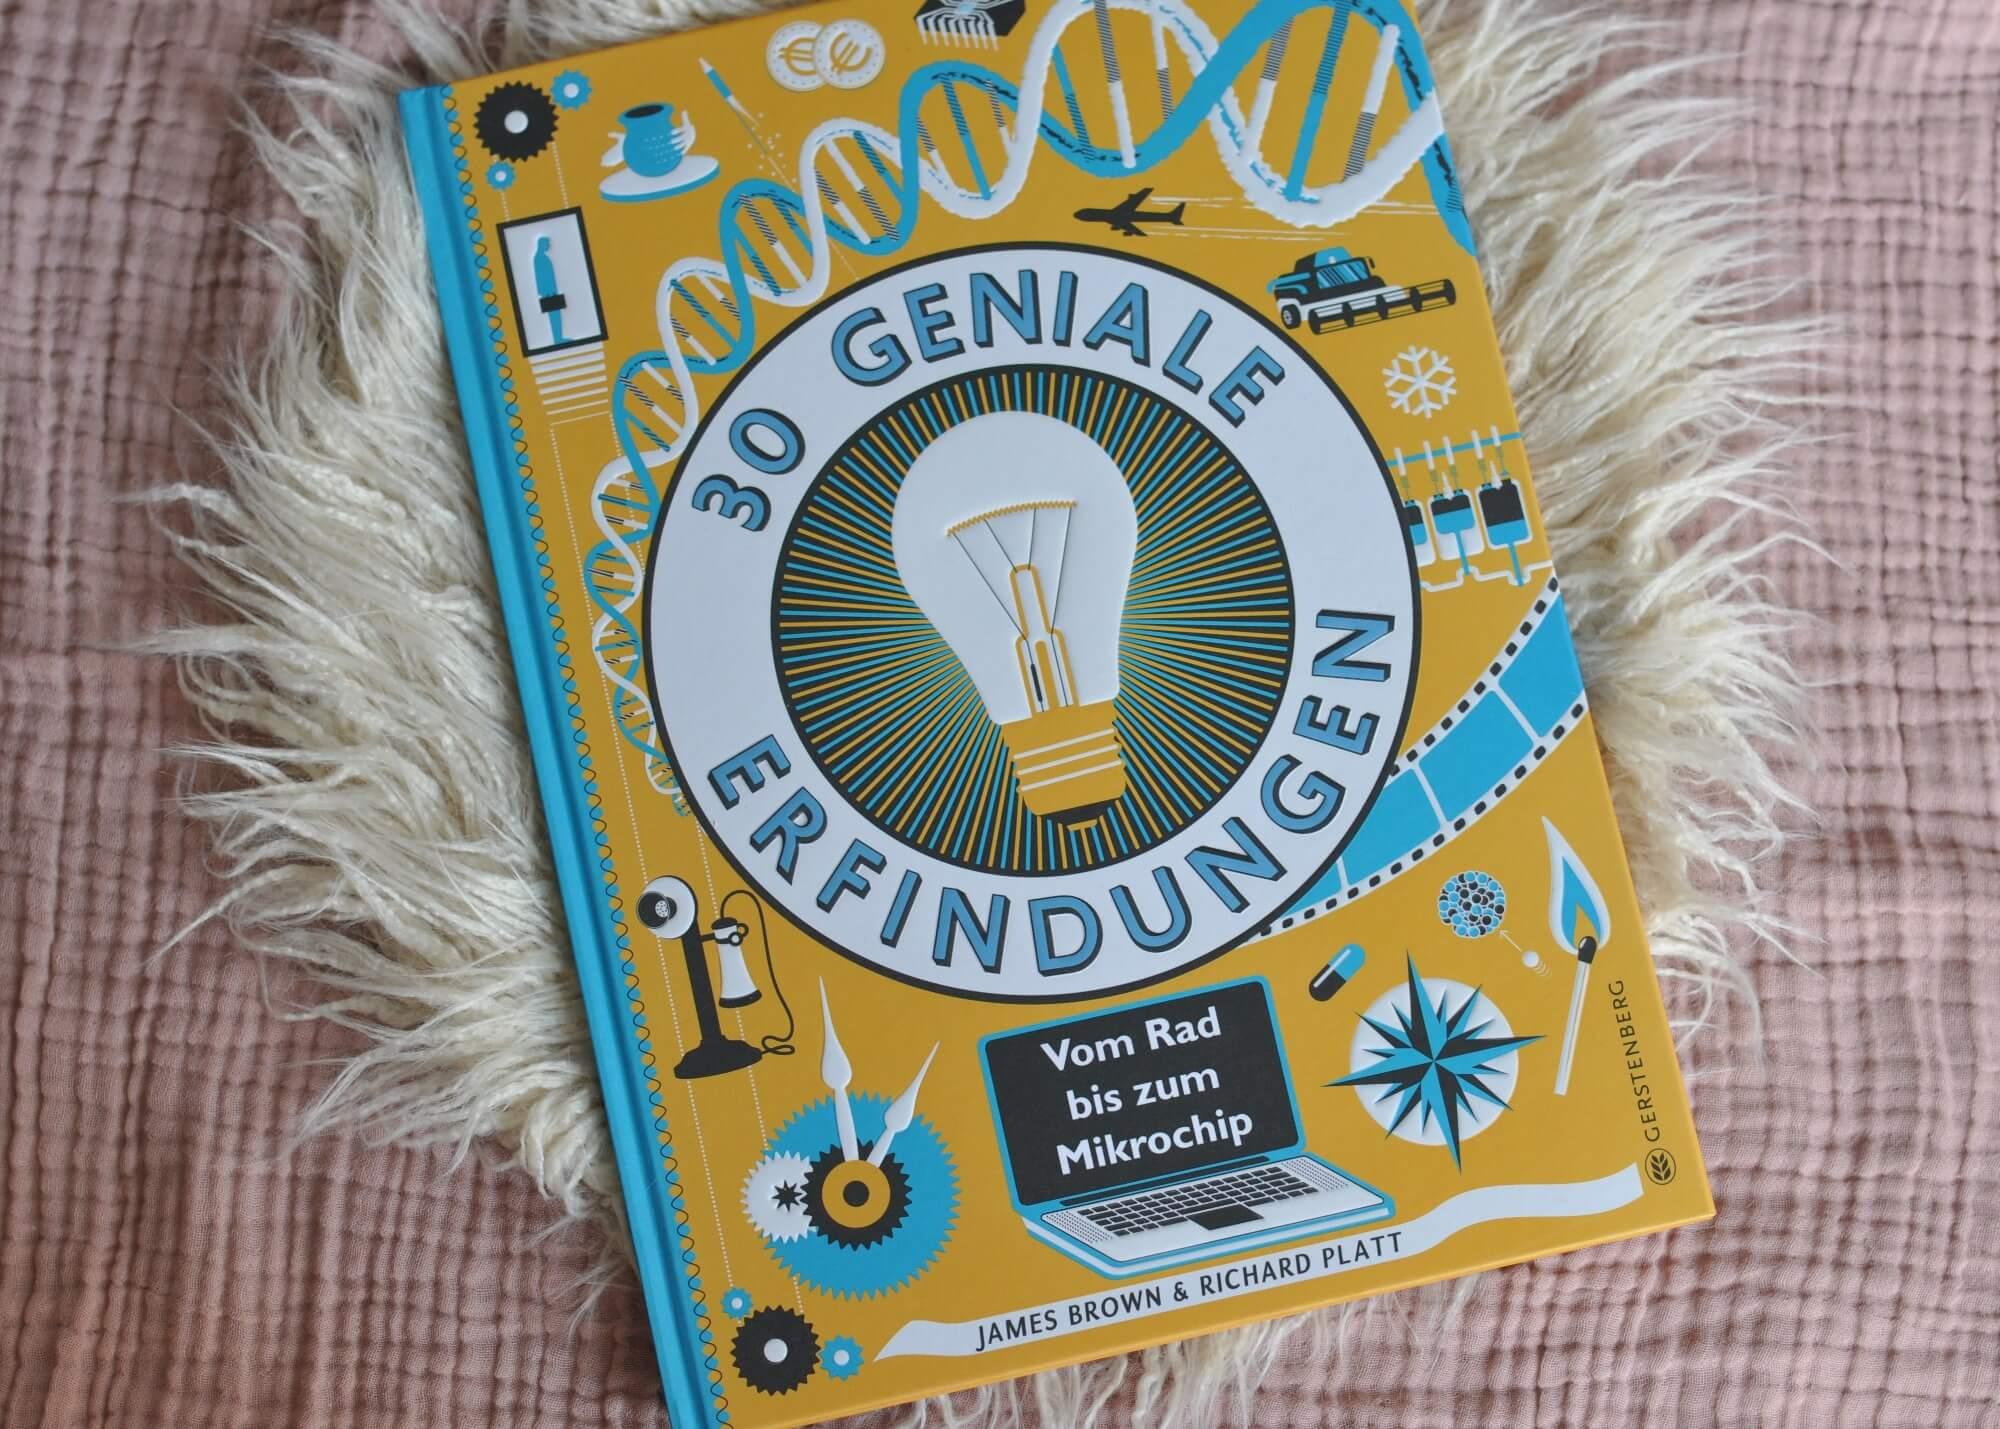 Wenn es diese 30 genialen Erfindungen nicht gäbe, wäre vieles nicht möglich. Zum Beispiel ein Buch nachts heimlich im Licht der Nachttischlampe zu lesen, denn dann gäbe es weder Elektrizität noch Papier noch den Buchdruck. Ein Kinderbuch für Leser ab 8 Jahren mit erklärenden retro Illustrationen. #sachbuch #lesen #erfindungen #kinder #jungs #gesellschaft #fortschritt #innovationen #illustrationen #retro #erfinder